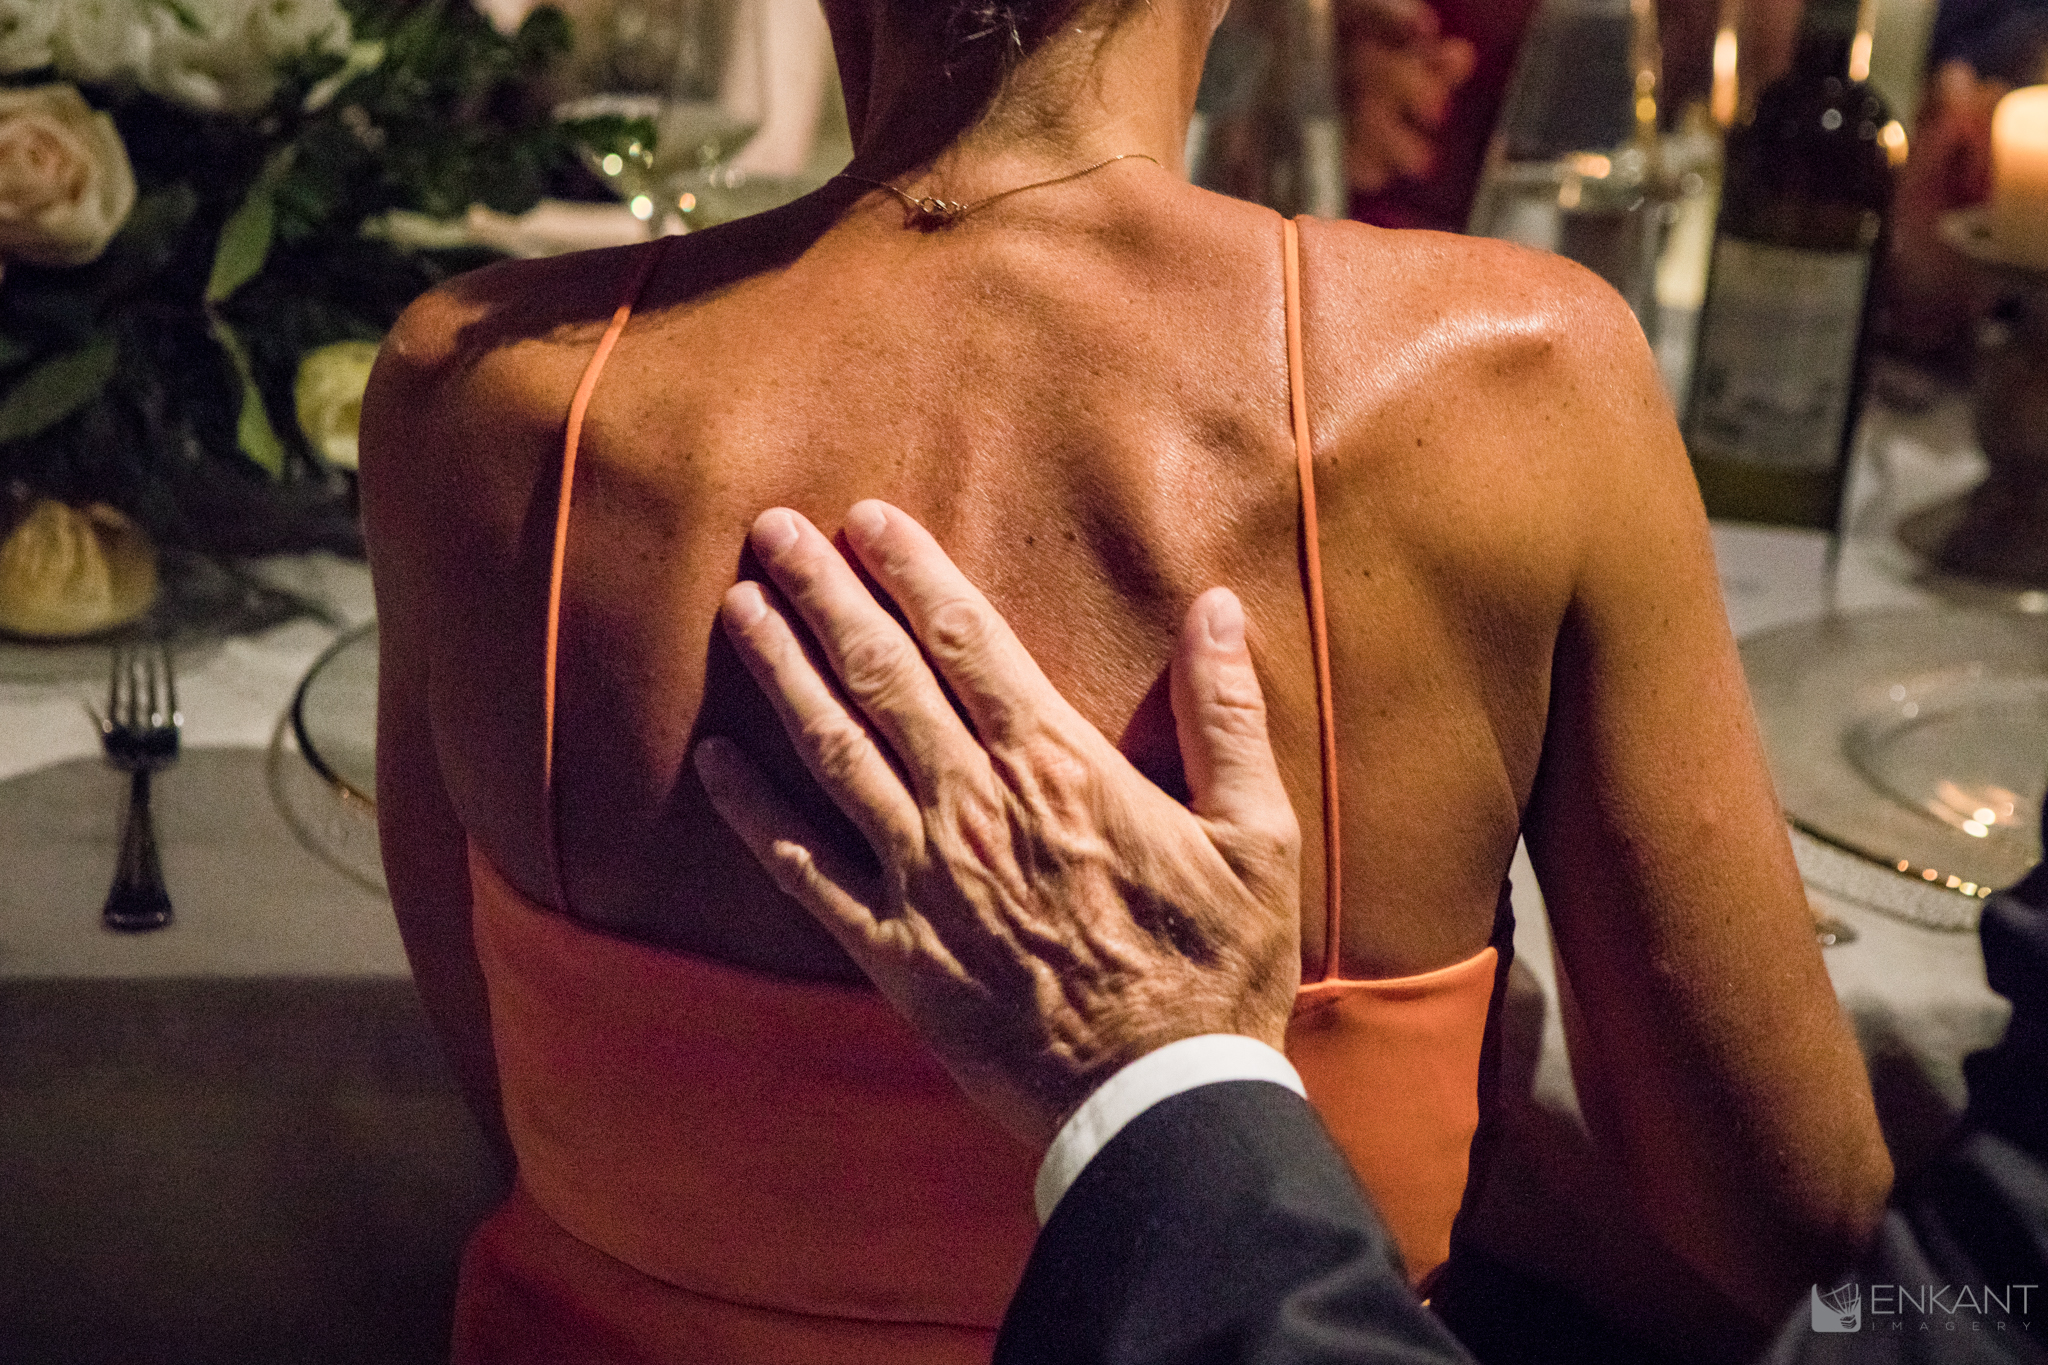 foto-matrimonio-enkant-noto-dimoradellebalze-47.jpg